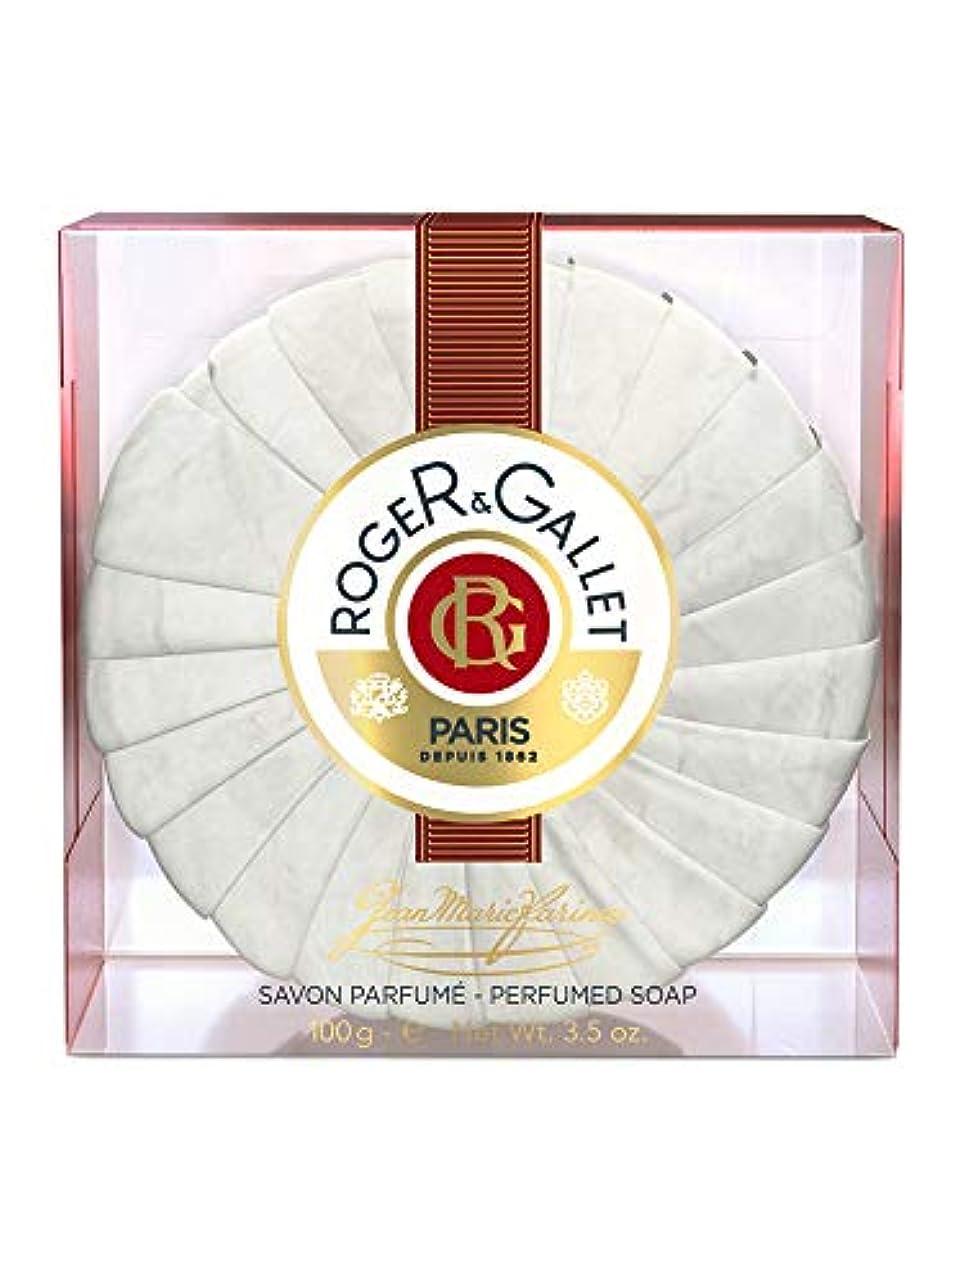 運河ワークショップ性能ロジェガレ ジャンマリファリナ パフュームソープ (香水石鹸) 100g ROGER&GALLET JEAN MARIE FARINA SOAP(プラスチック簡易ケース入り) [並行輸入品]